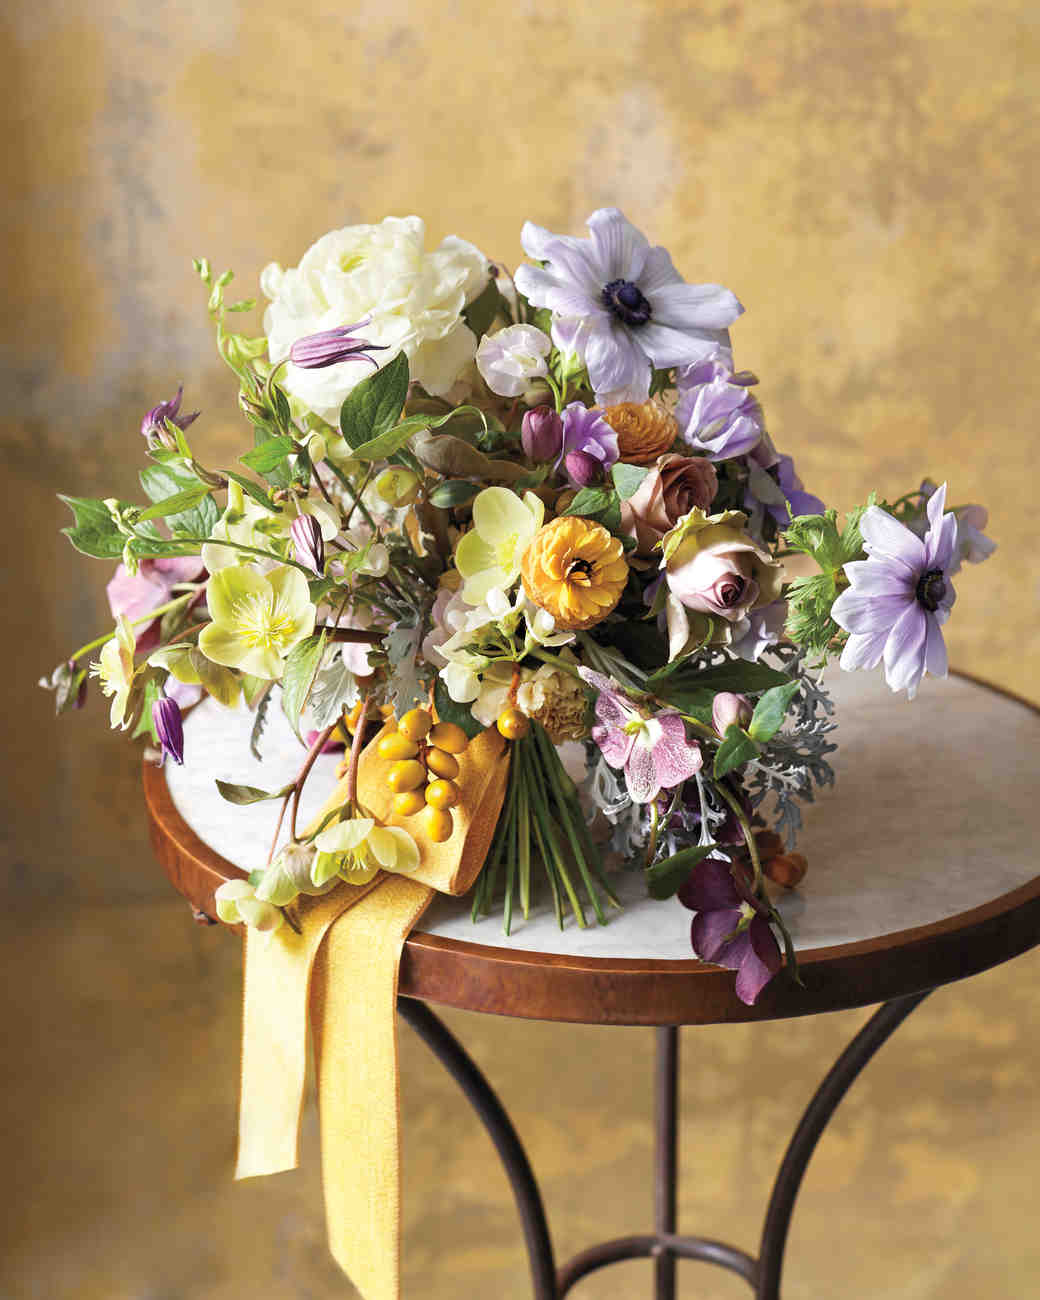 bouquet-099-mwd110998.jpg